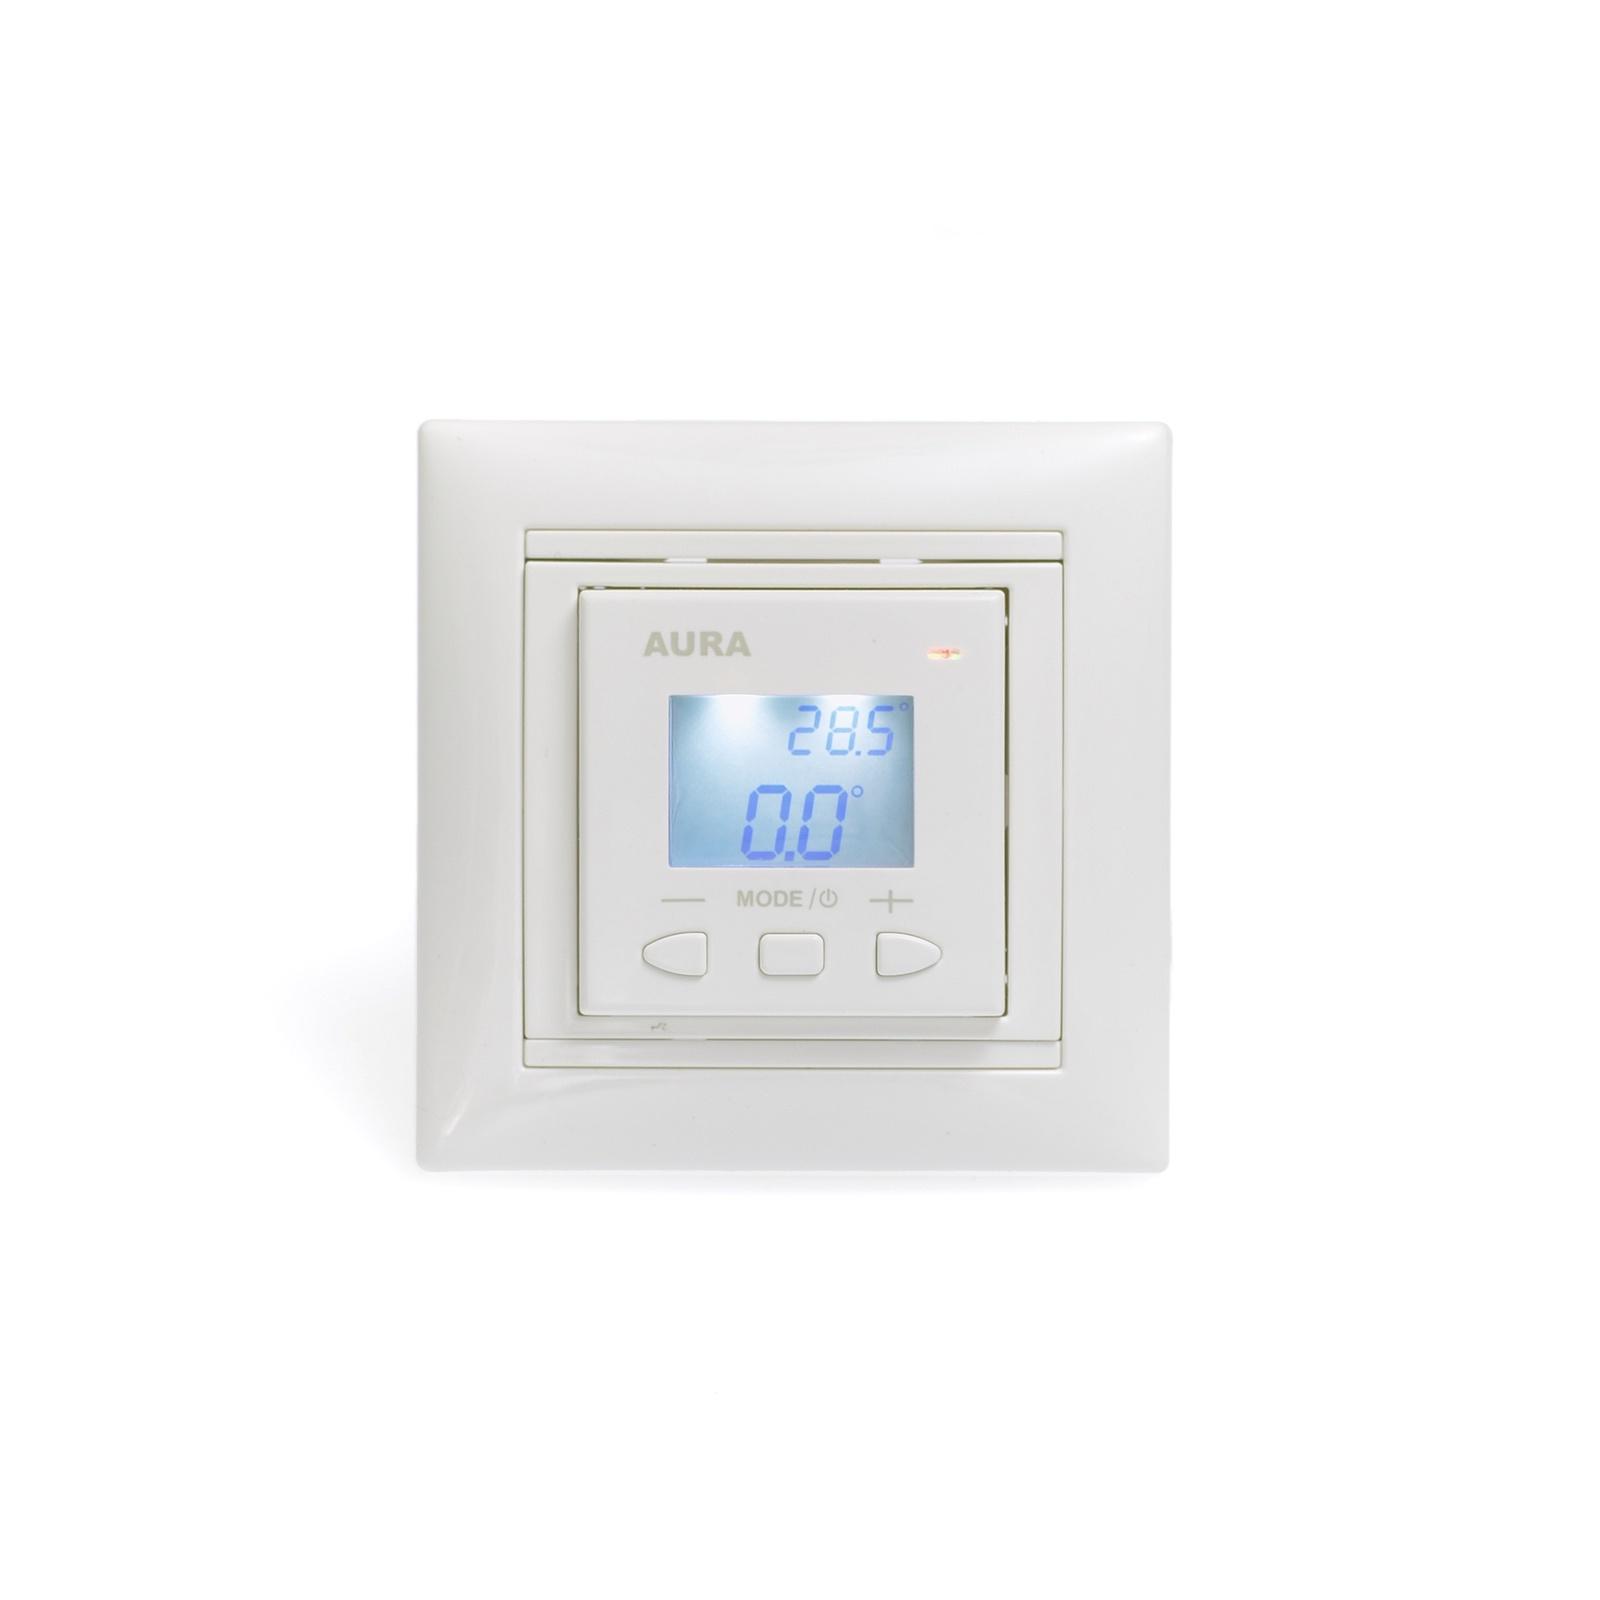 Регулятор теплого пола AURA LTC 070, 3201070, белый цена